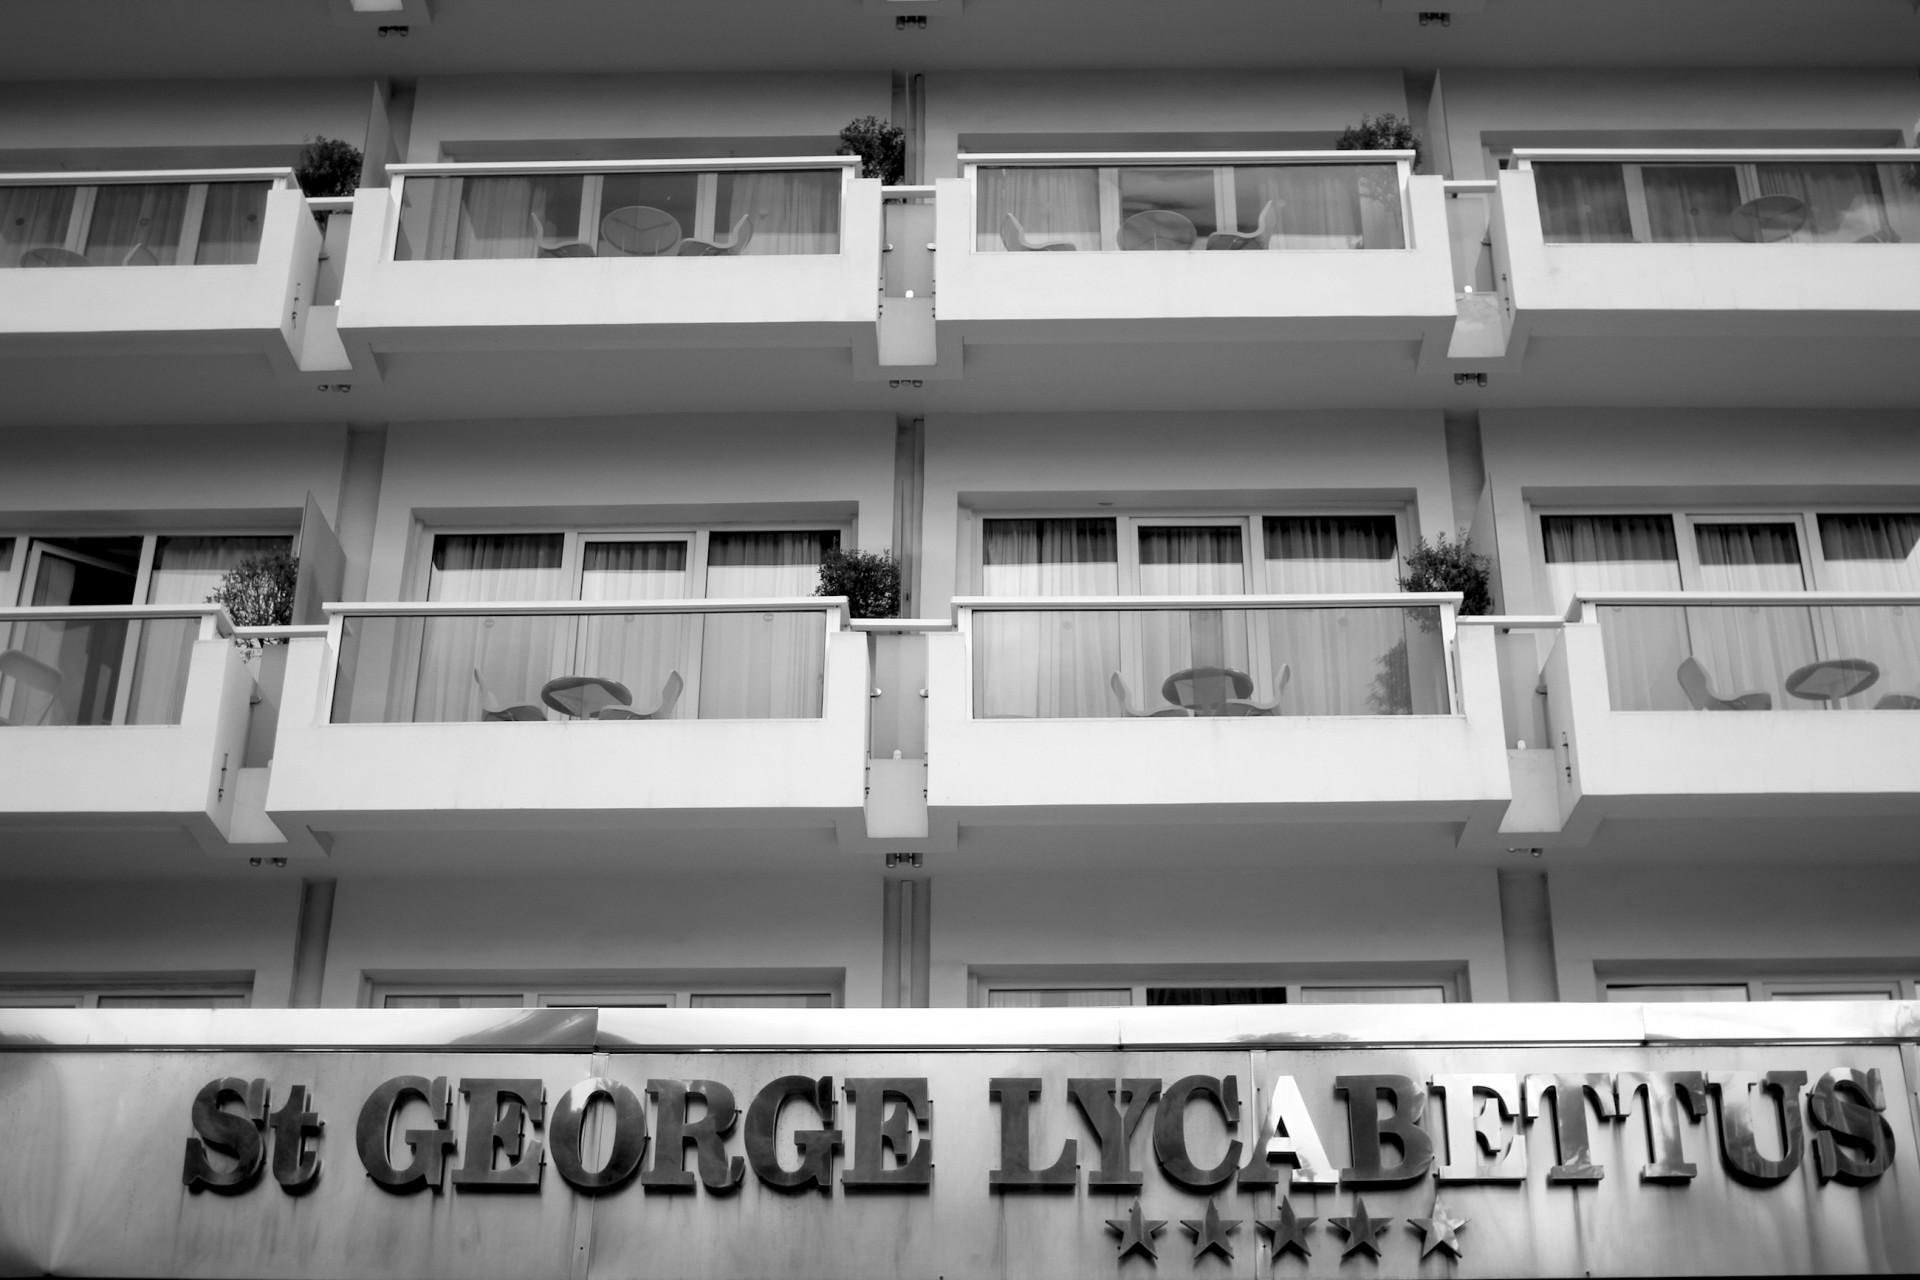 Zeitlos.  Das Hotel wurde 1975 eröffnet und hat seitdem zahlreiche Prominente und Politiker begrüßt. 2006 wurde es renoviert, aktuell finden weitere Umbaumaßnahmen statt.